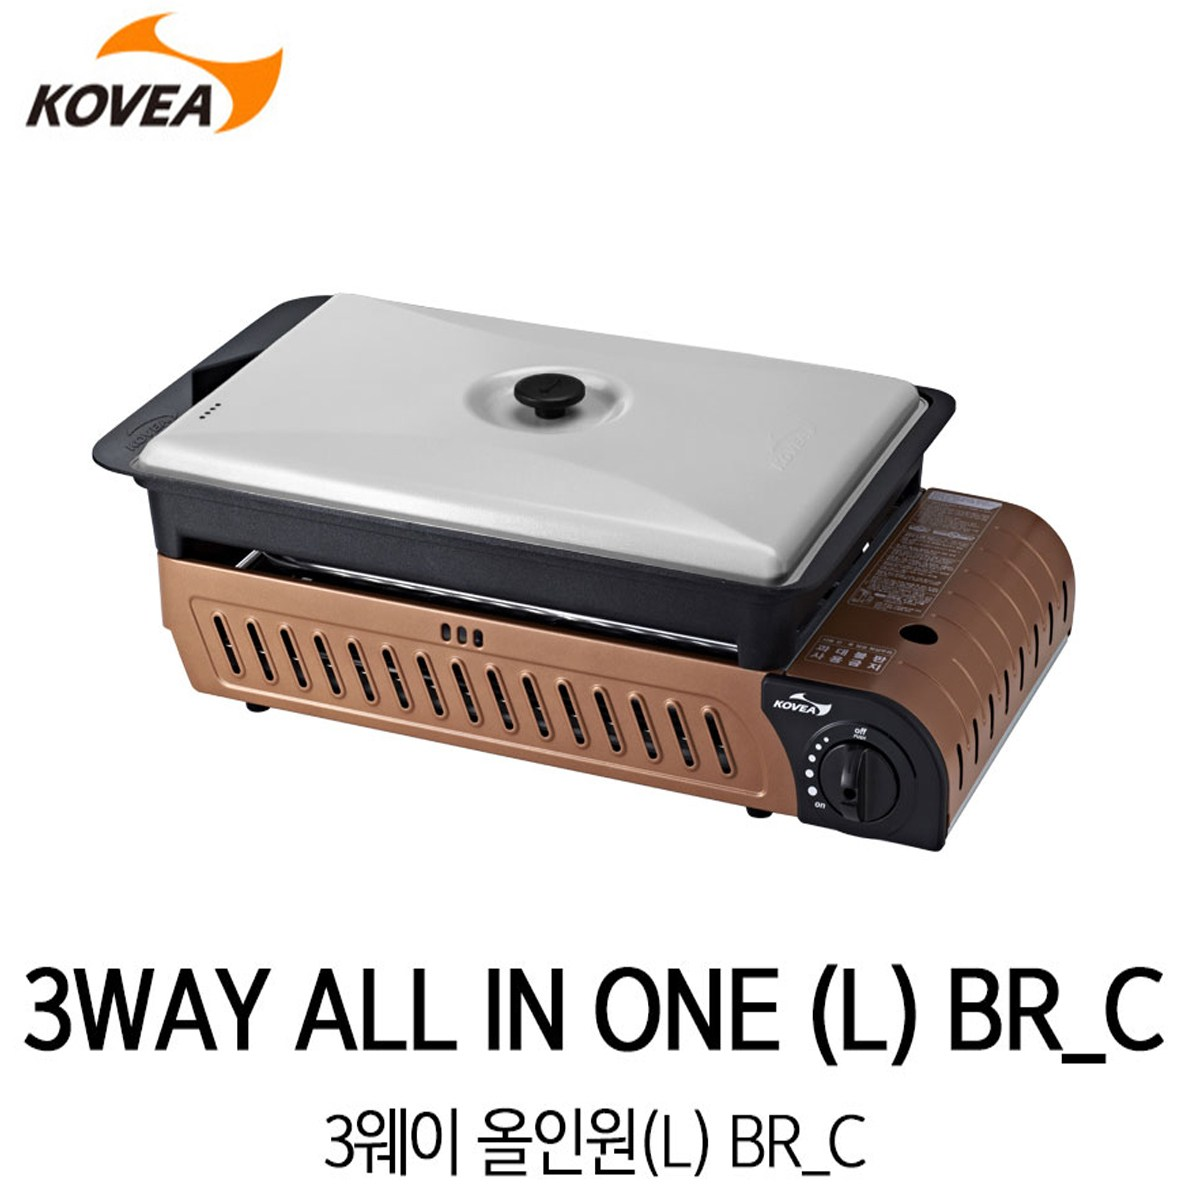 코베아 3웨이 올인원 BR_C (L) / (수납케이스포함) / 사은품 증정 / 구이바다 / 휴대용가스렌지 / 가스버너